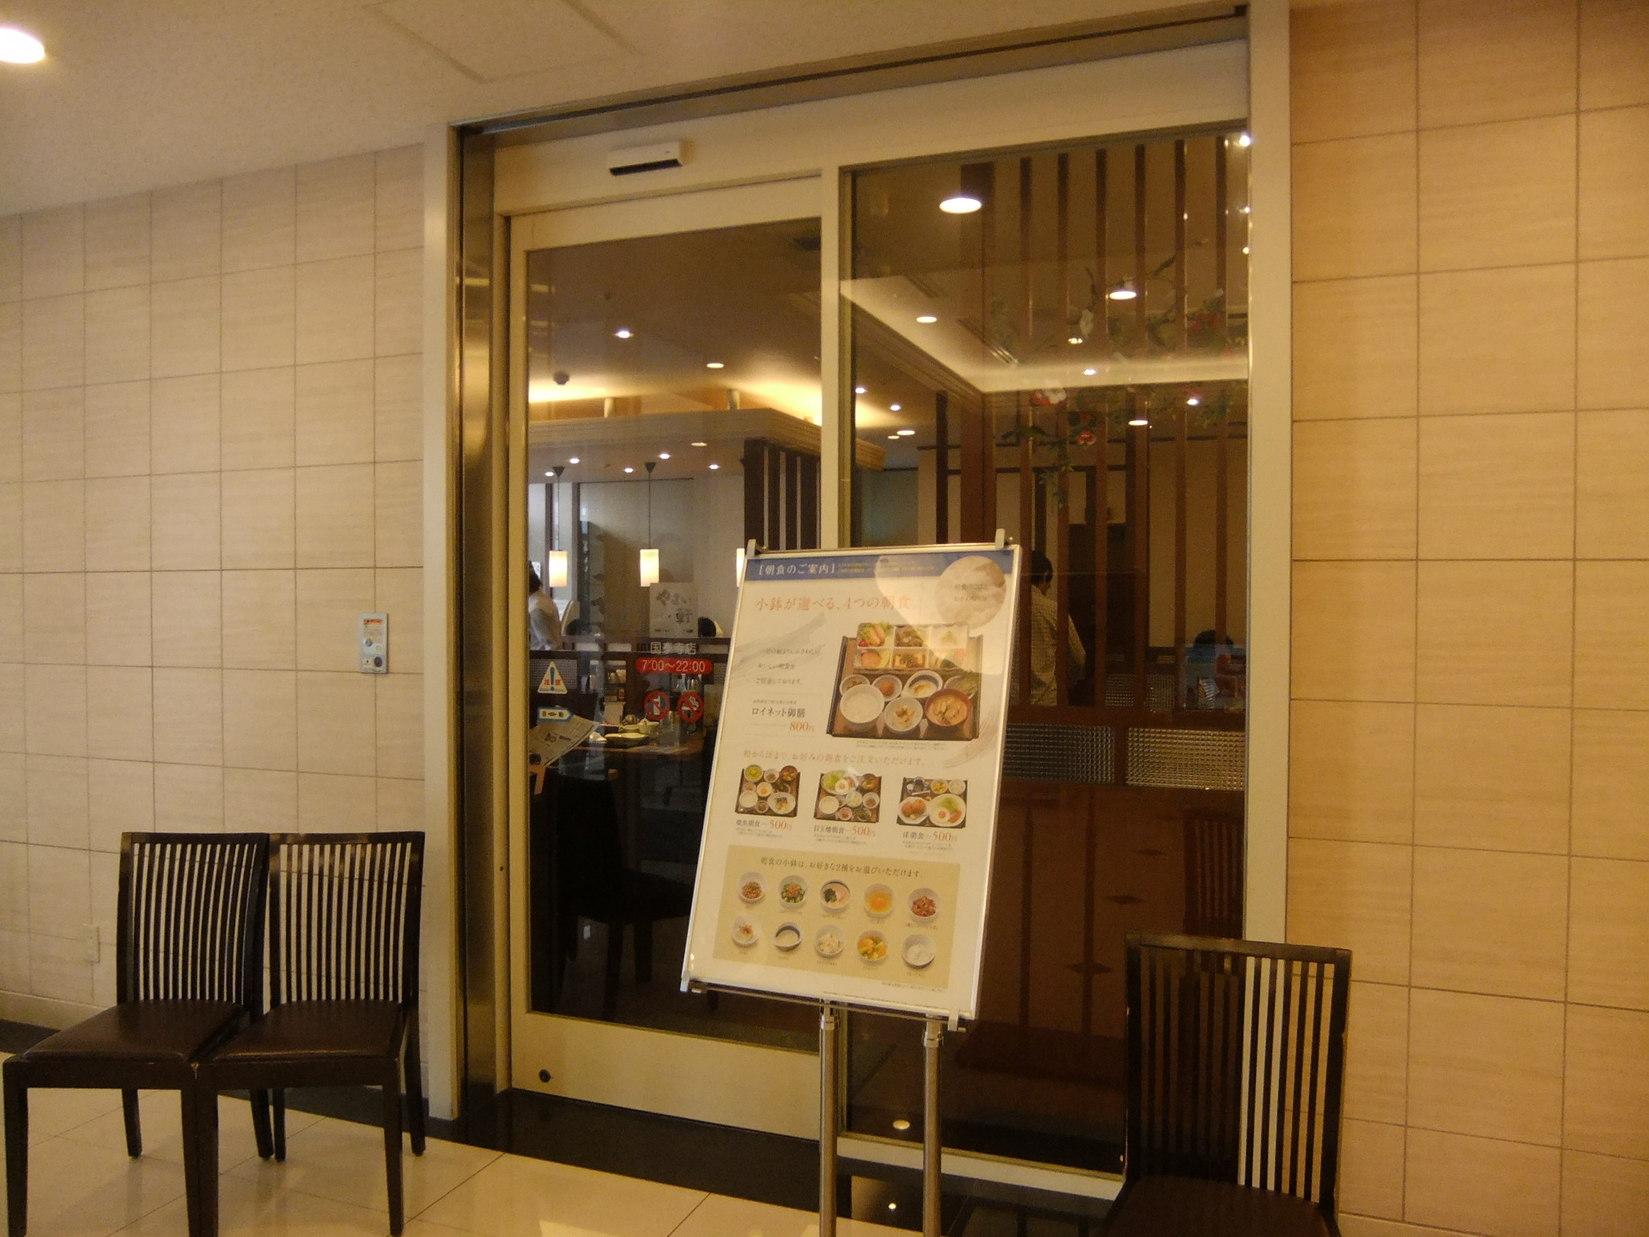 ダイワロイネットホテル 広島